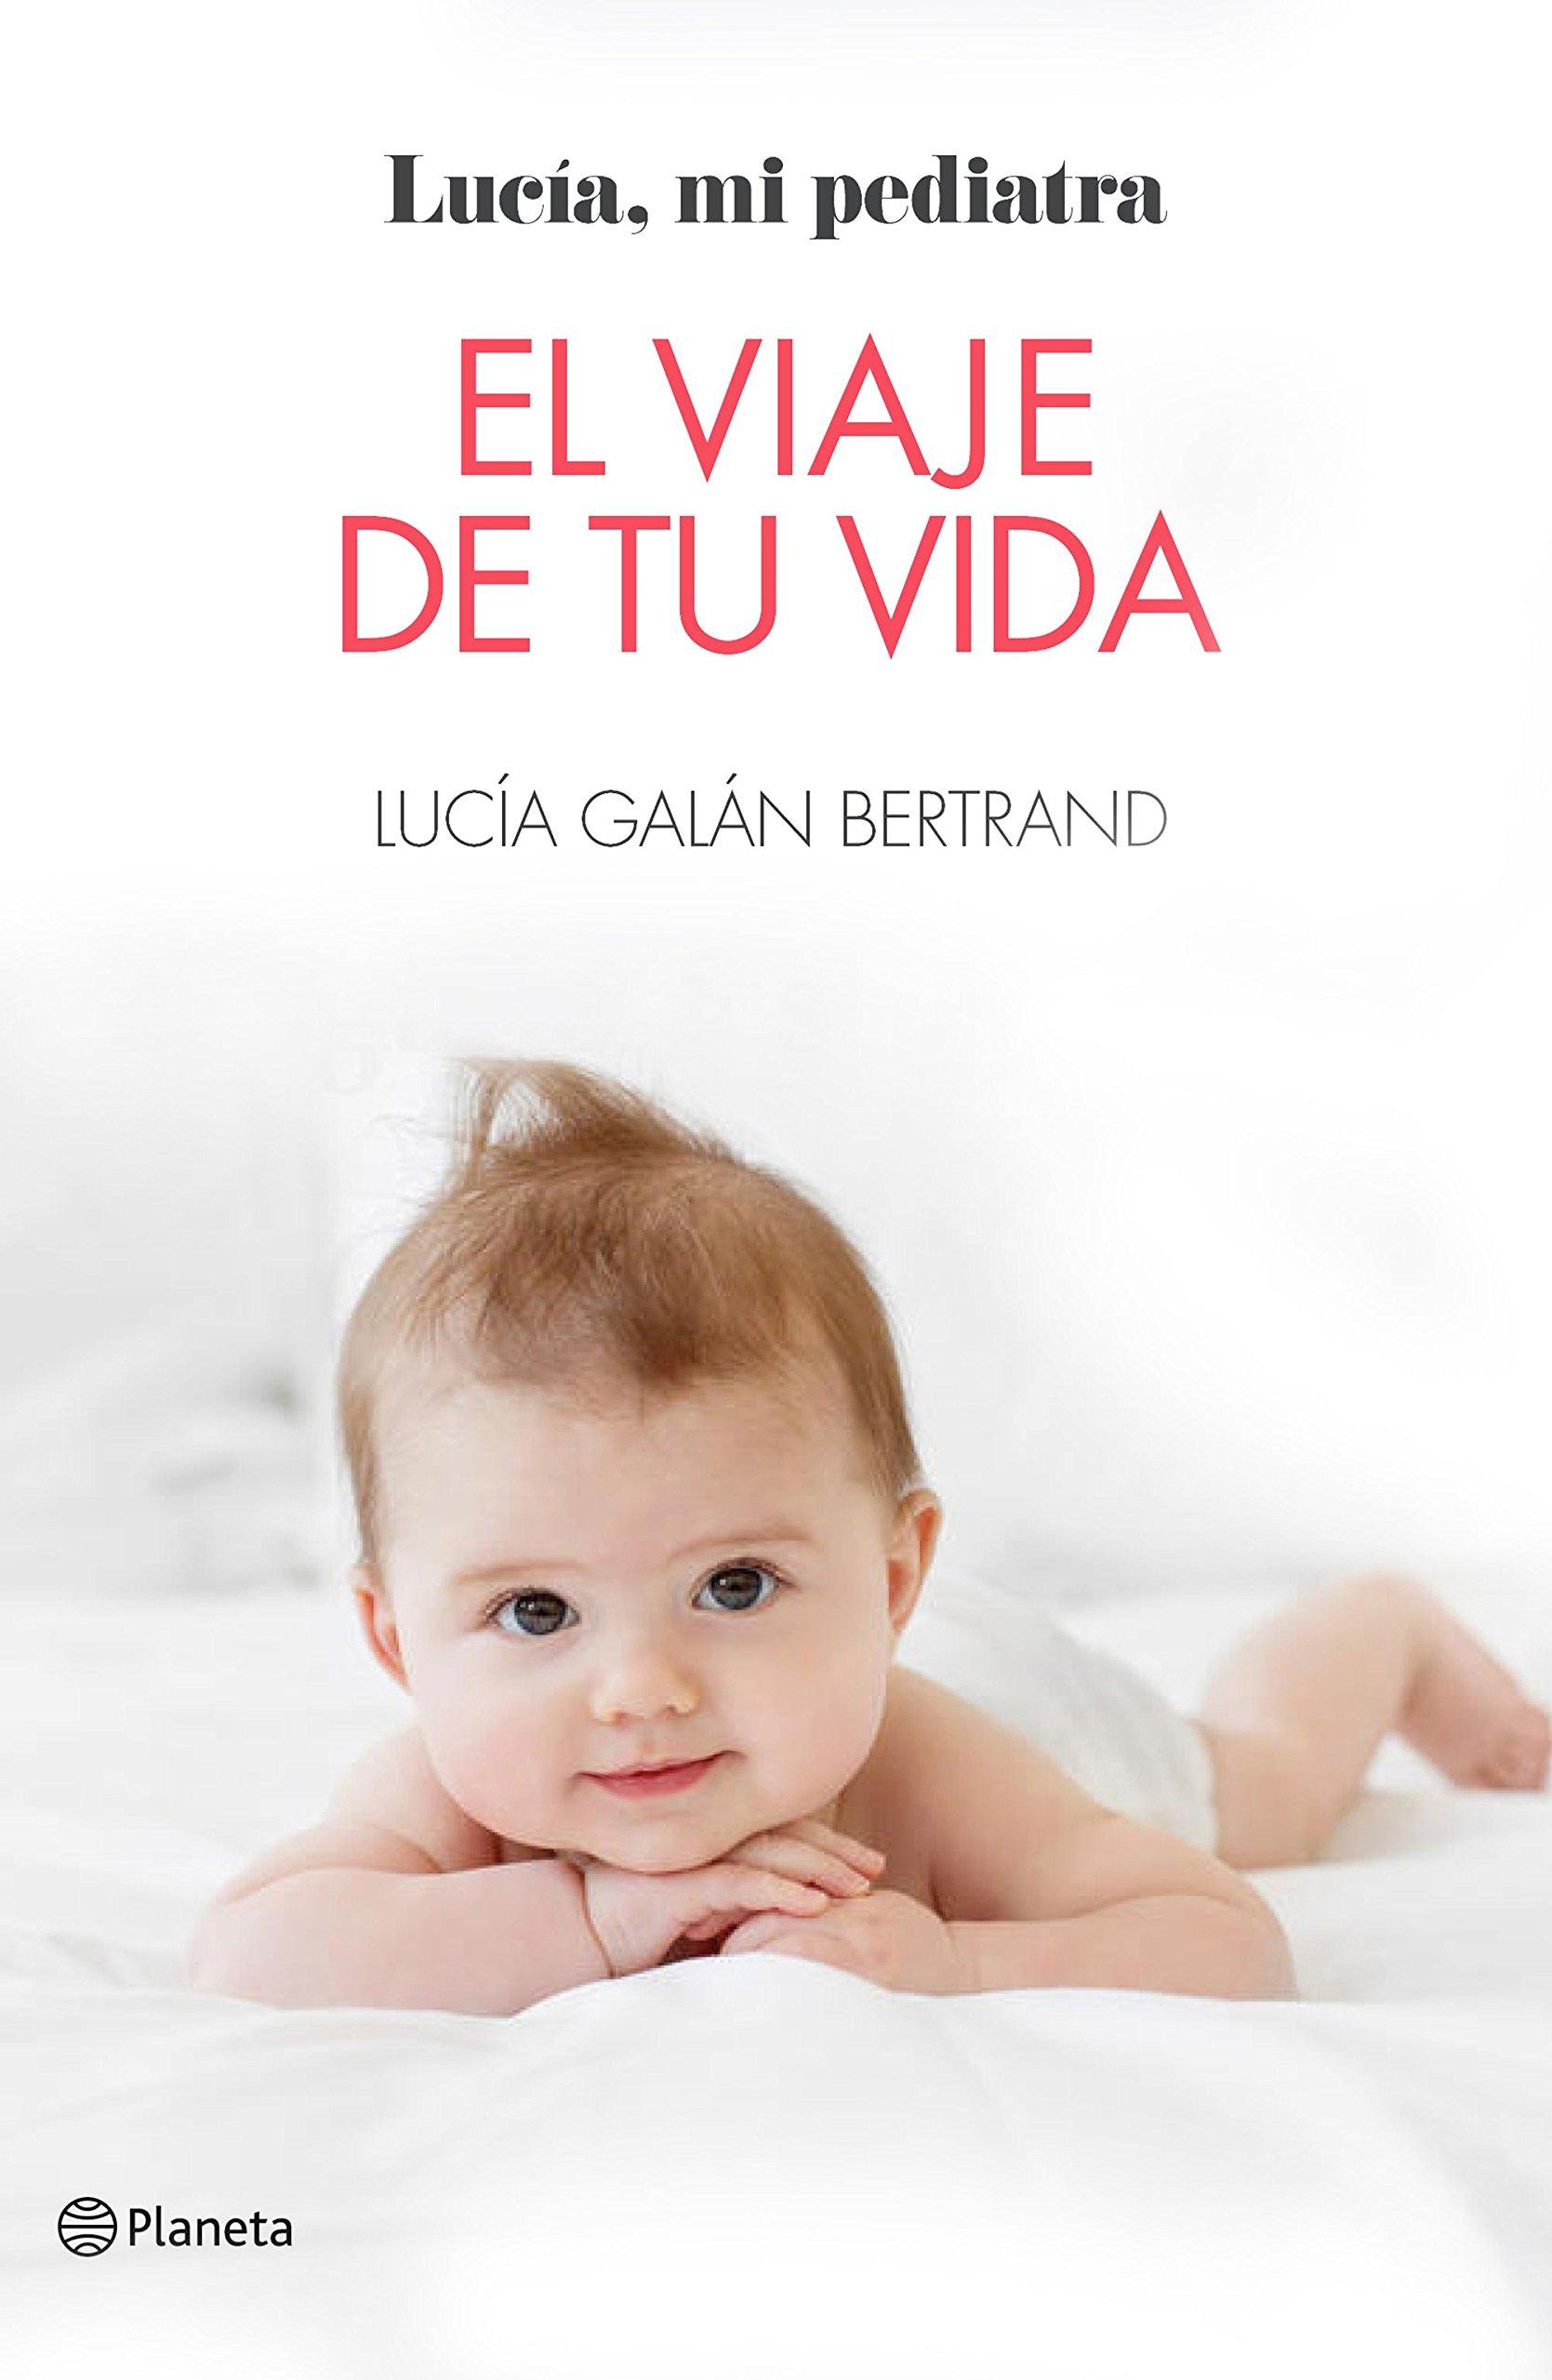 El viaje de tu vida (Prácticos) Tapa blanda – 10 abr 2018 Lucía Galán Bertrand Editorial Planeta 8408184806 Advice on parenting